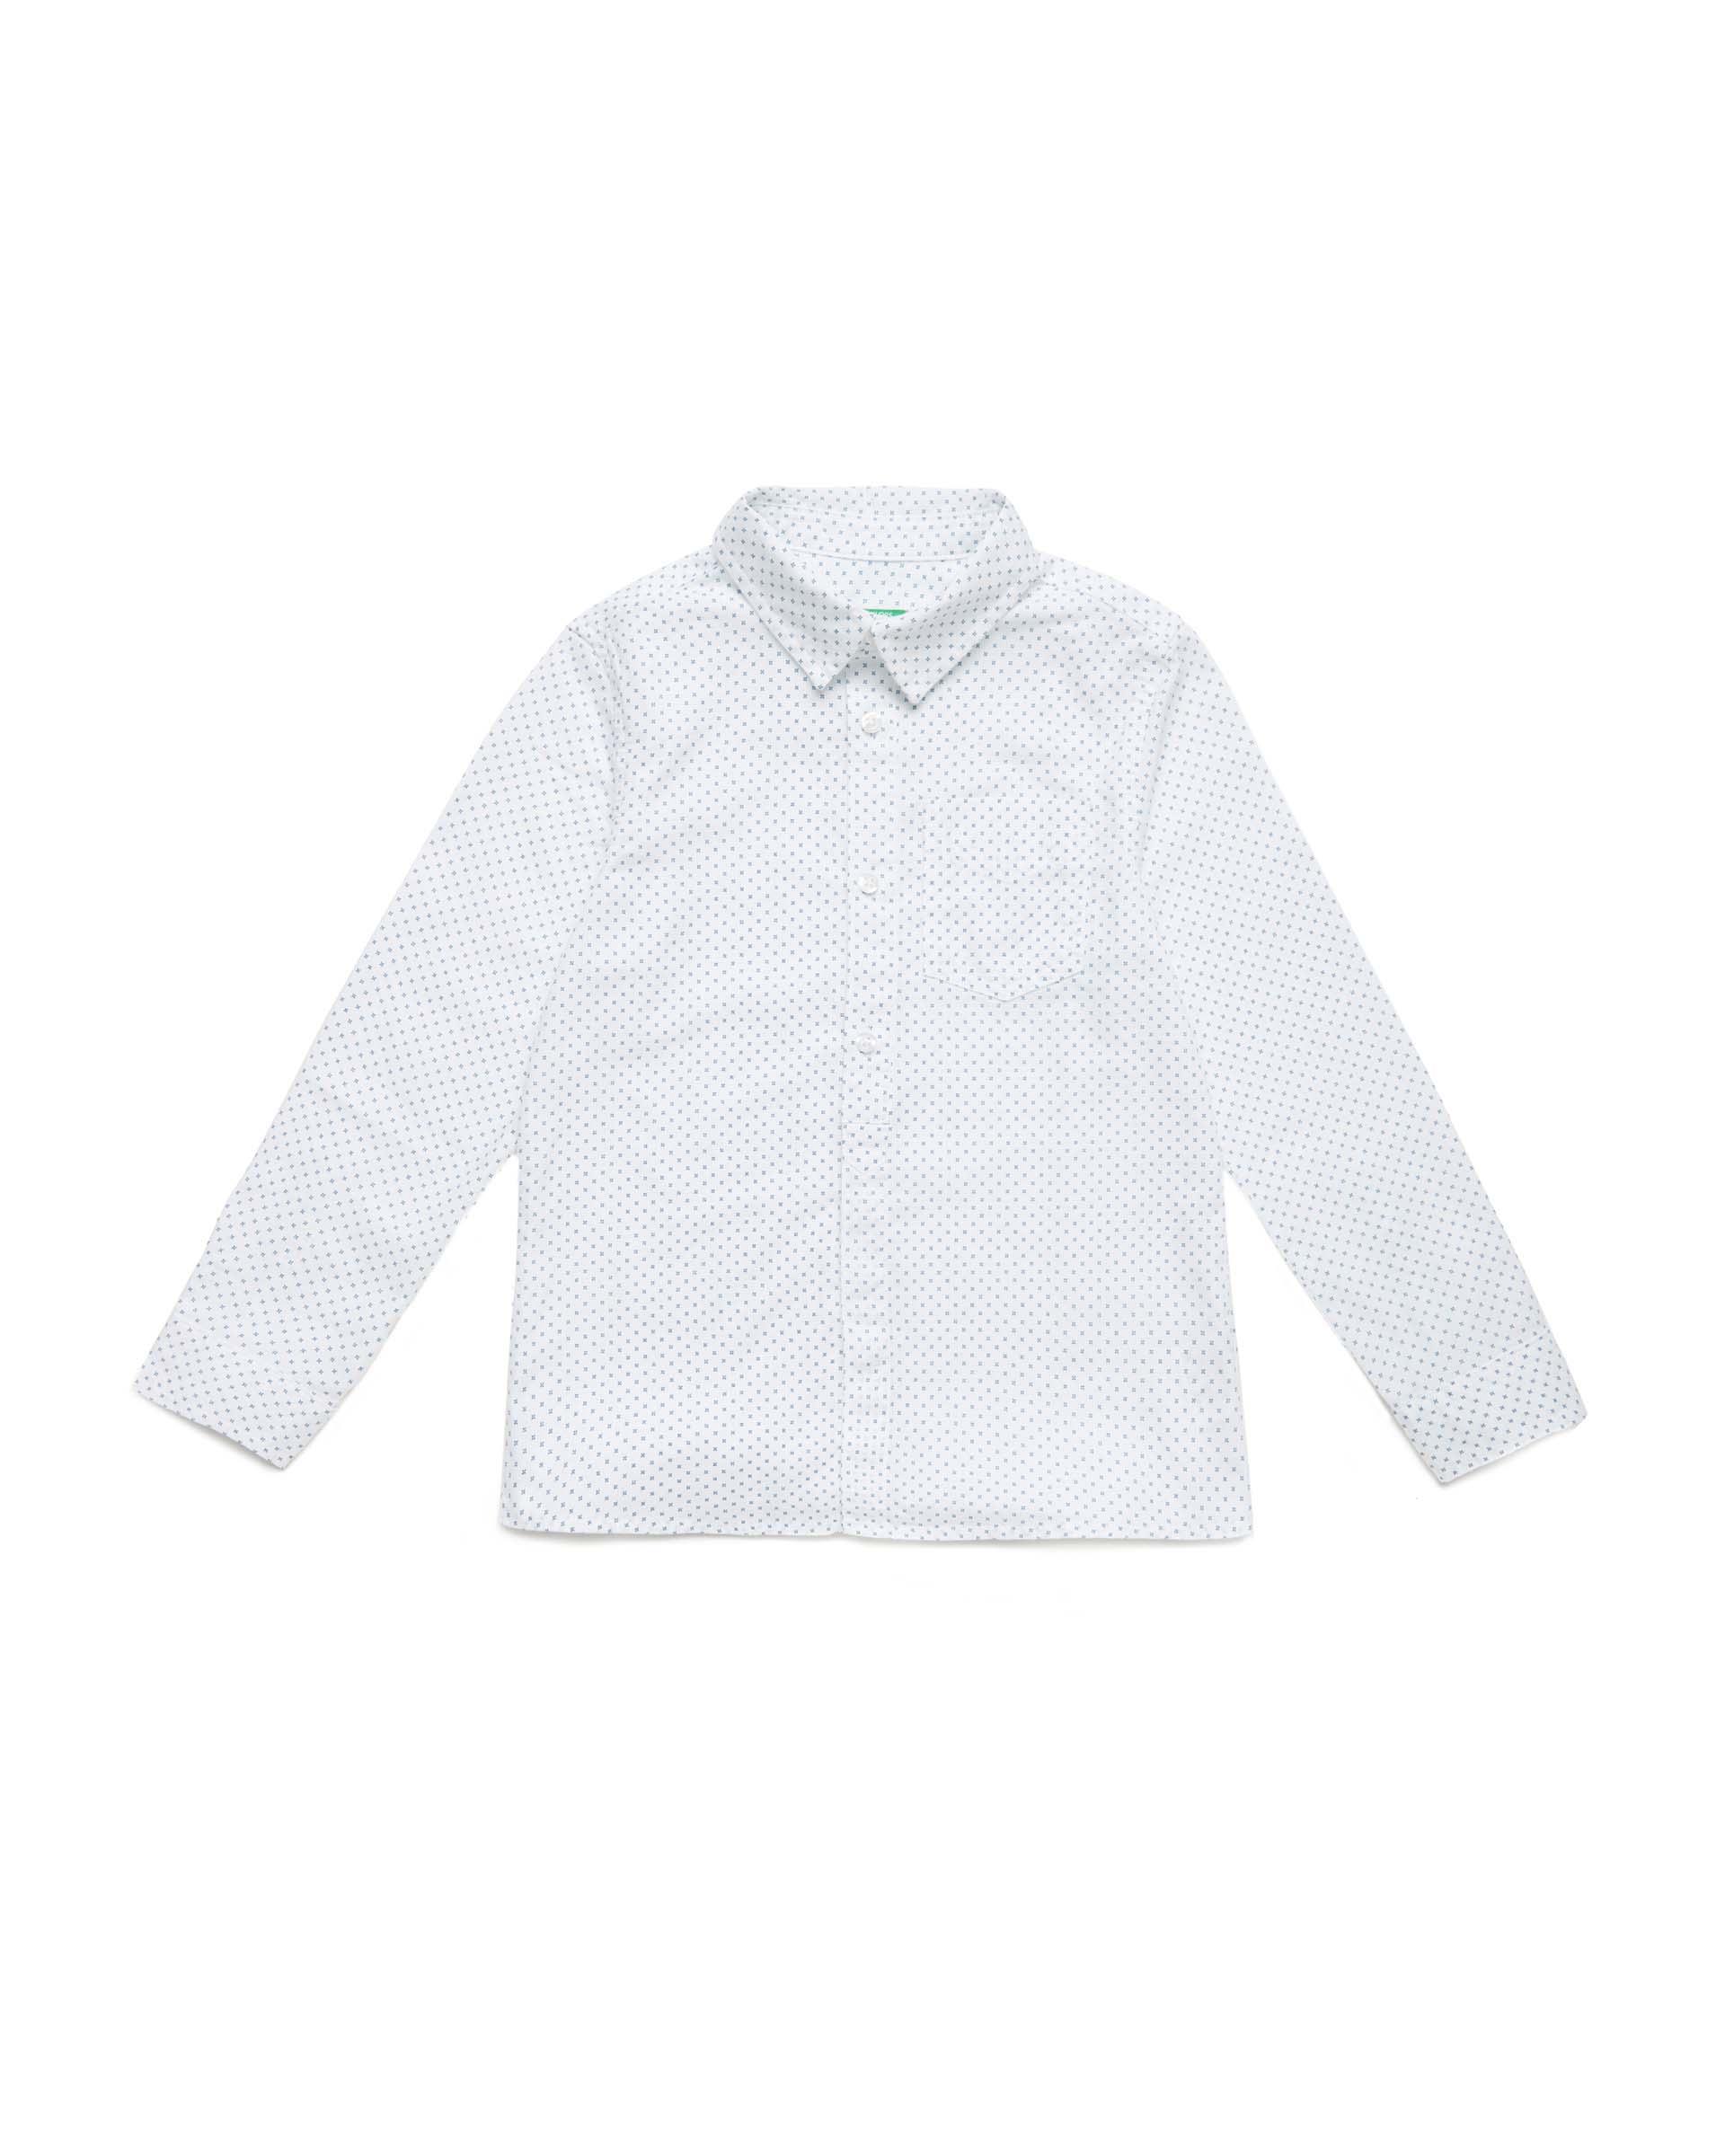 Купить 20P_5PA35QH90_902, Рубашка для мальчиков Benetton 5PA35QH90_902 р-р 152, United Colors of Benetton, Рубашки для мальчиков